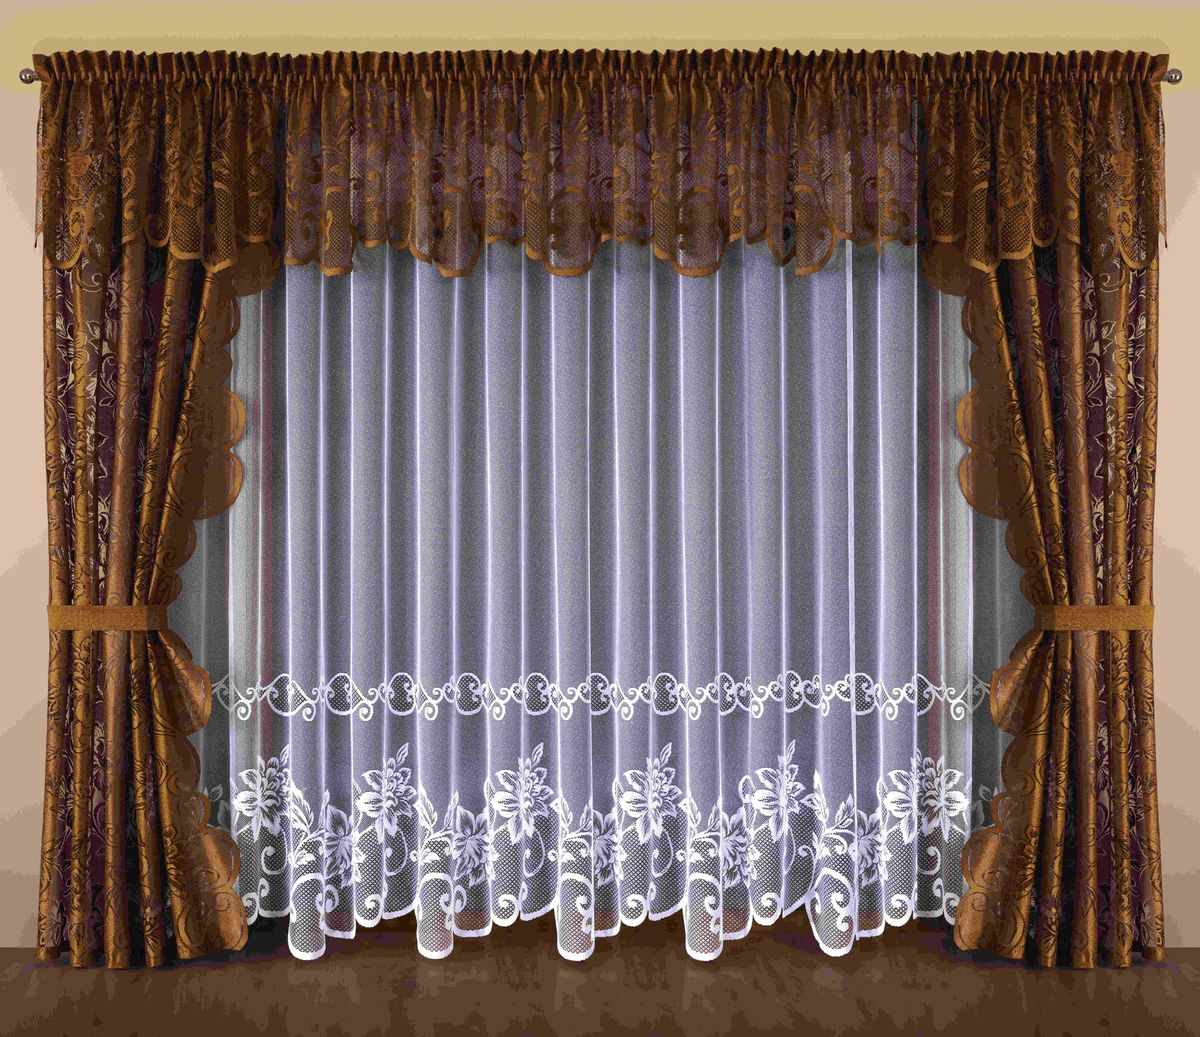 Комплект штор Wisan Kalista, на ленте, цвет: белый, коричневый, высота 250 см64889Комплект штор Wisan Kalista выполненный из полиэстера, великолепно украсит любое окно. В комплект входят 2 шторы, тюль, ламбрекен и 2 подхвата.Интересный крой и цветочный узор придают комплекту особый стиль и шарм. Тонкое плетение, нежная цветовая гамма и роскошное исполнение - все это делает шторы Wisan Kalista замечательным дополнением интерьера помещения.Комплект оснащен шторной лентой для красивой сборки. В комплект входит: Штора - 2 шт. Размер (ШхВ): 145 см х 250 см. Тюль - 1 шт. Размер (ШхВ): 500 см х 250 см. Ламбрекен - 1 шт. Размер (ШхВ): 500 см х 70 см. Подхват - 2 шт.Фирма Wisan на польском рынке существует уже более пятидесяти лет и является одной из лучших польских фабрик по производству штор и тканей. Ассортимент фирмы представлен готовыми комплектами штор для гостиной, детской, кухни, а также текстилем для кухни (скатерти, салфетки, дорожки, кухонные занавески). Модельный ряд отличает оригинальный дизайн, высокое качество. Ассортимент продукции постоянно пополняется.